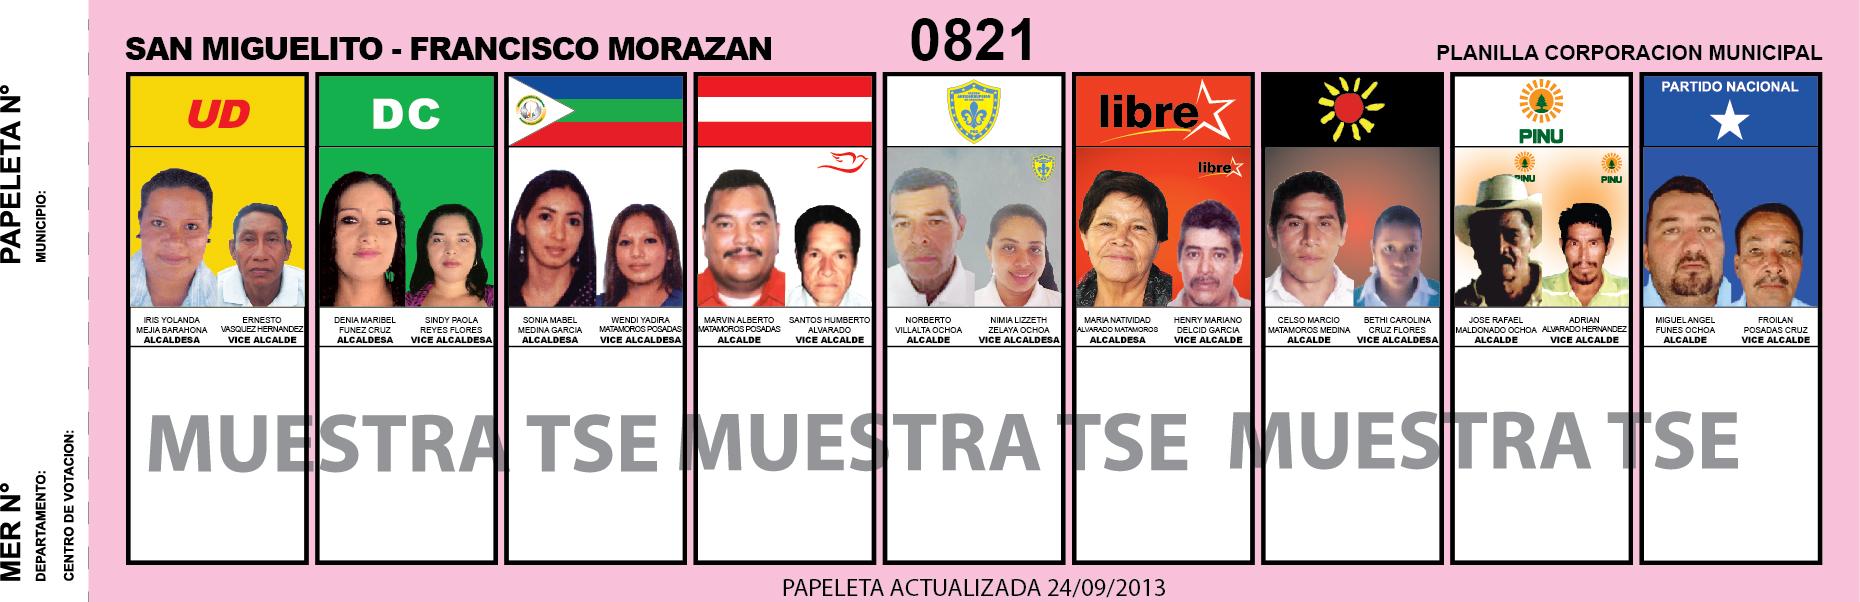 CANDIDATOS 2013 MUNICIPIO SAN MIGUELITO - FRANCISCO MORAZAN - HONDURAS